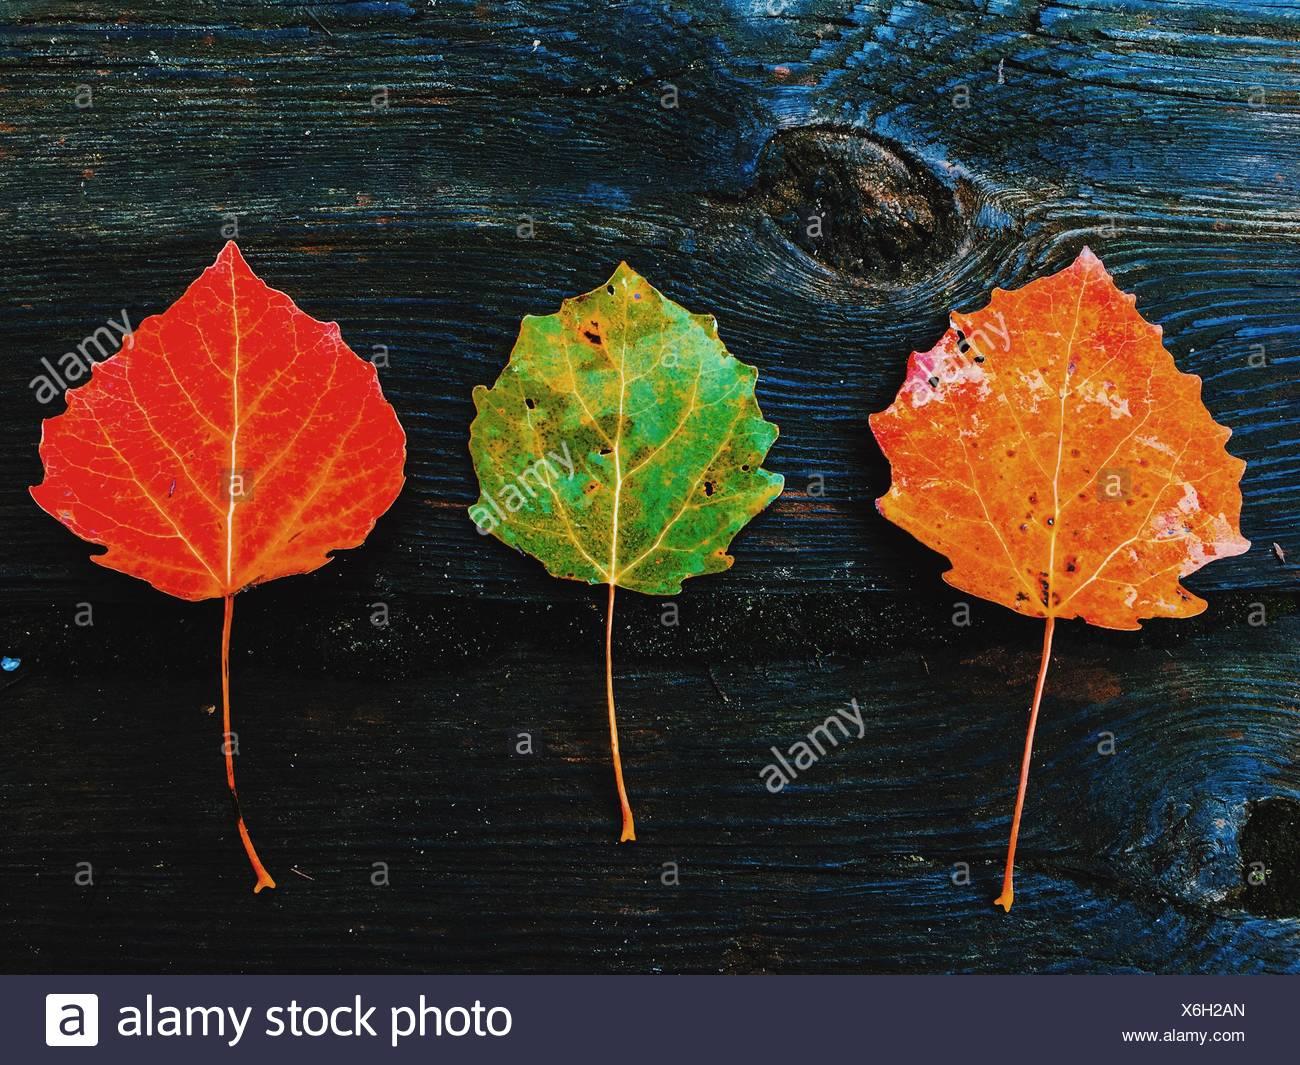 Plan de feuilles aux couleurs automnales sur bois Photo Stock